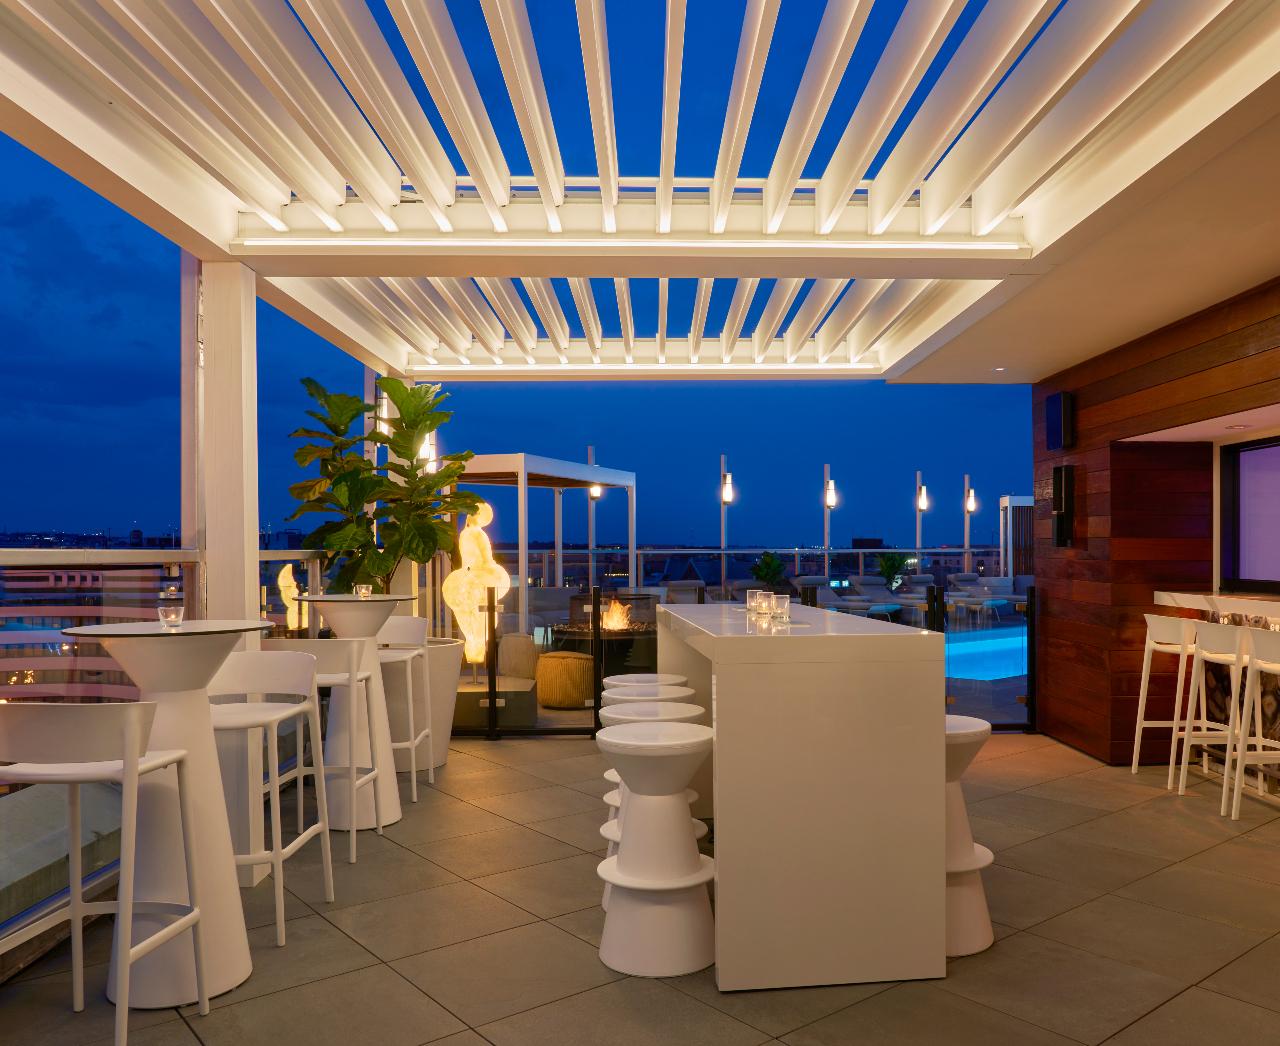 Hotel Zena outdoor restaurant seating